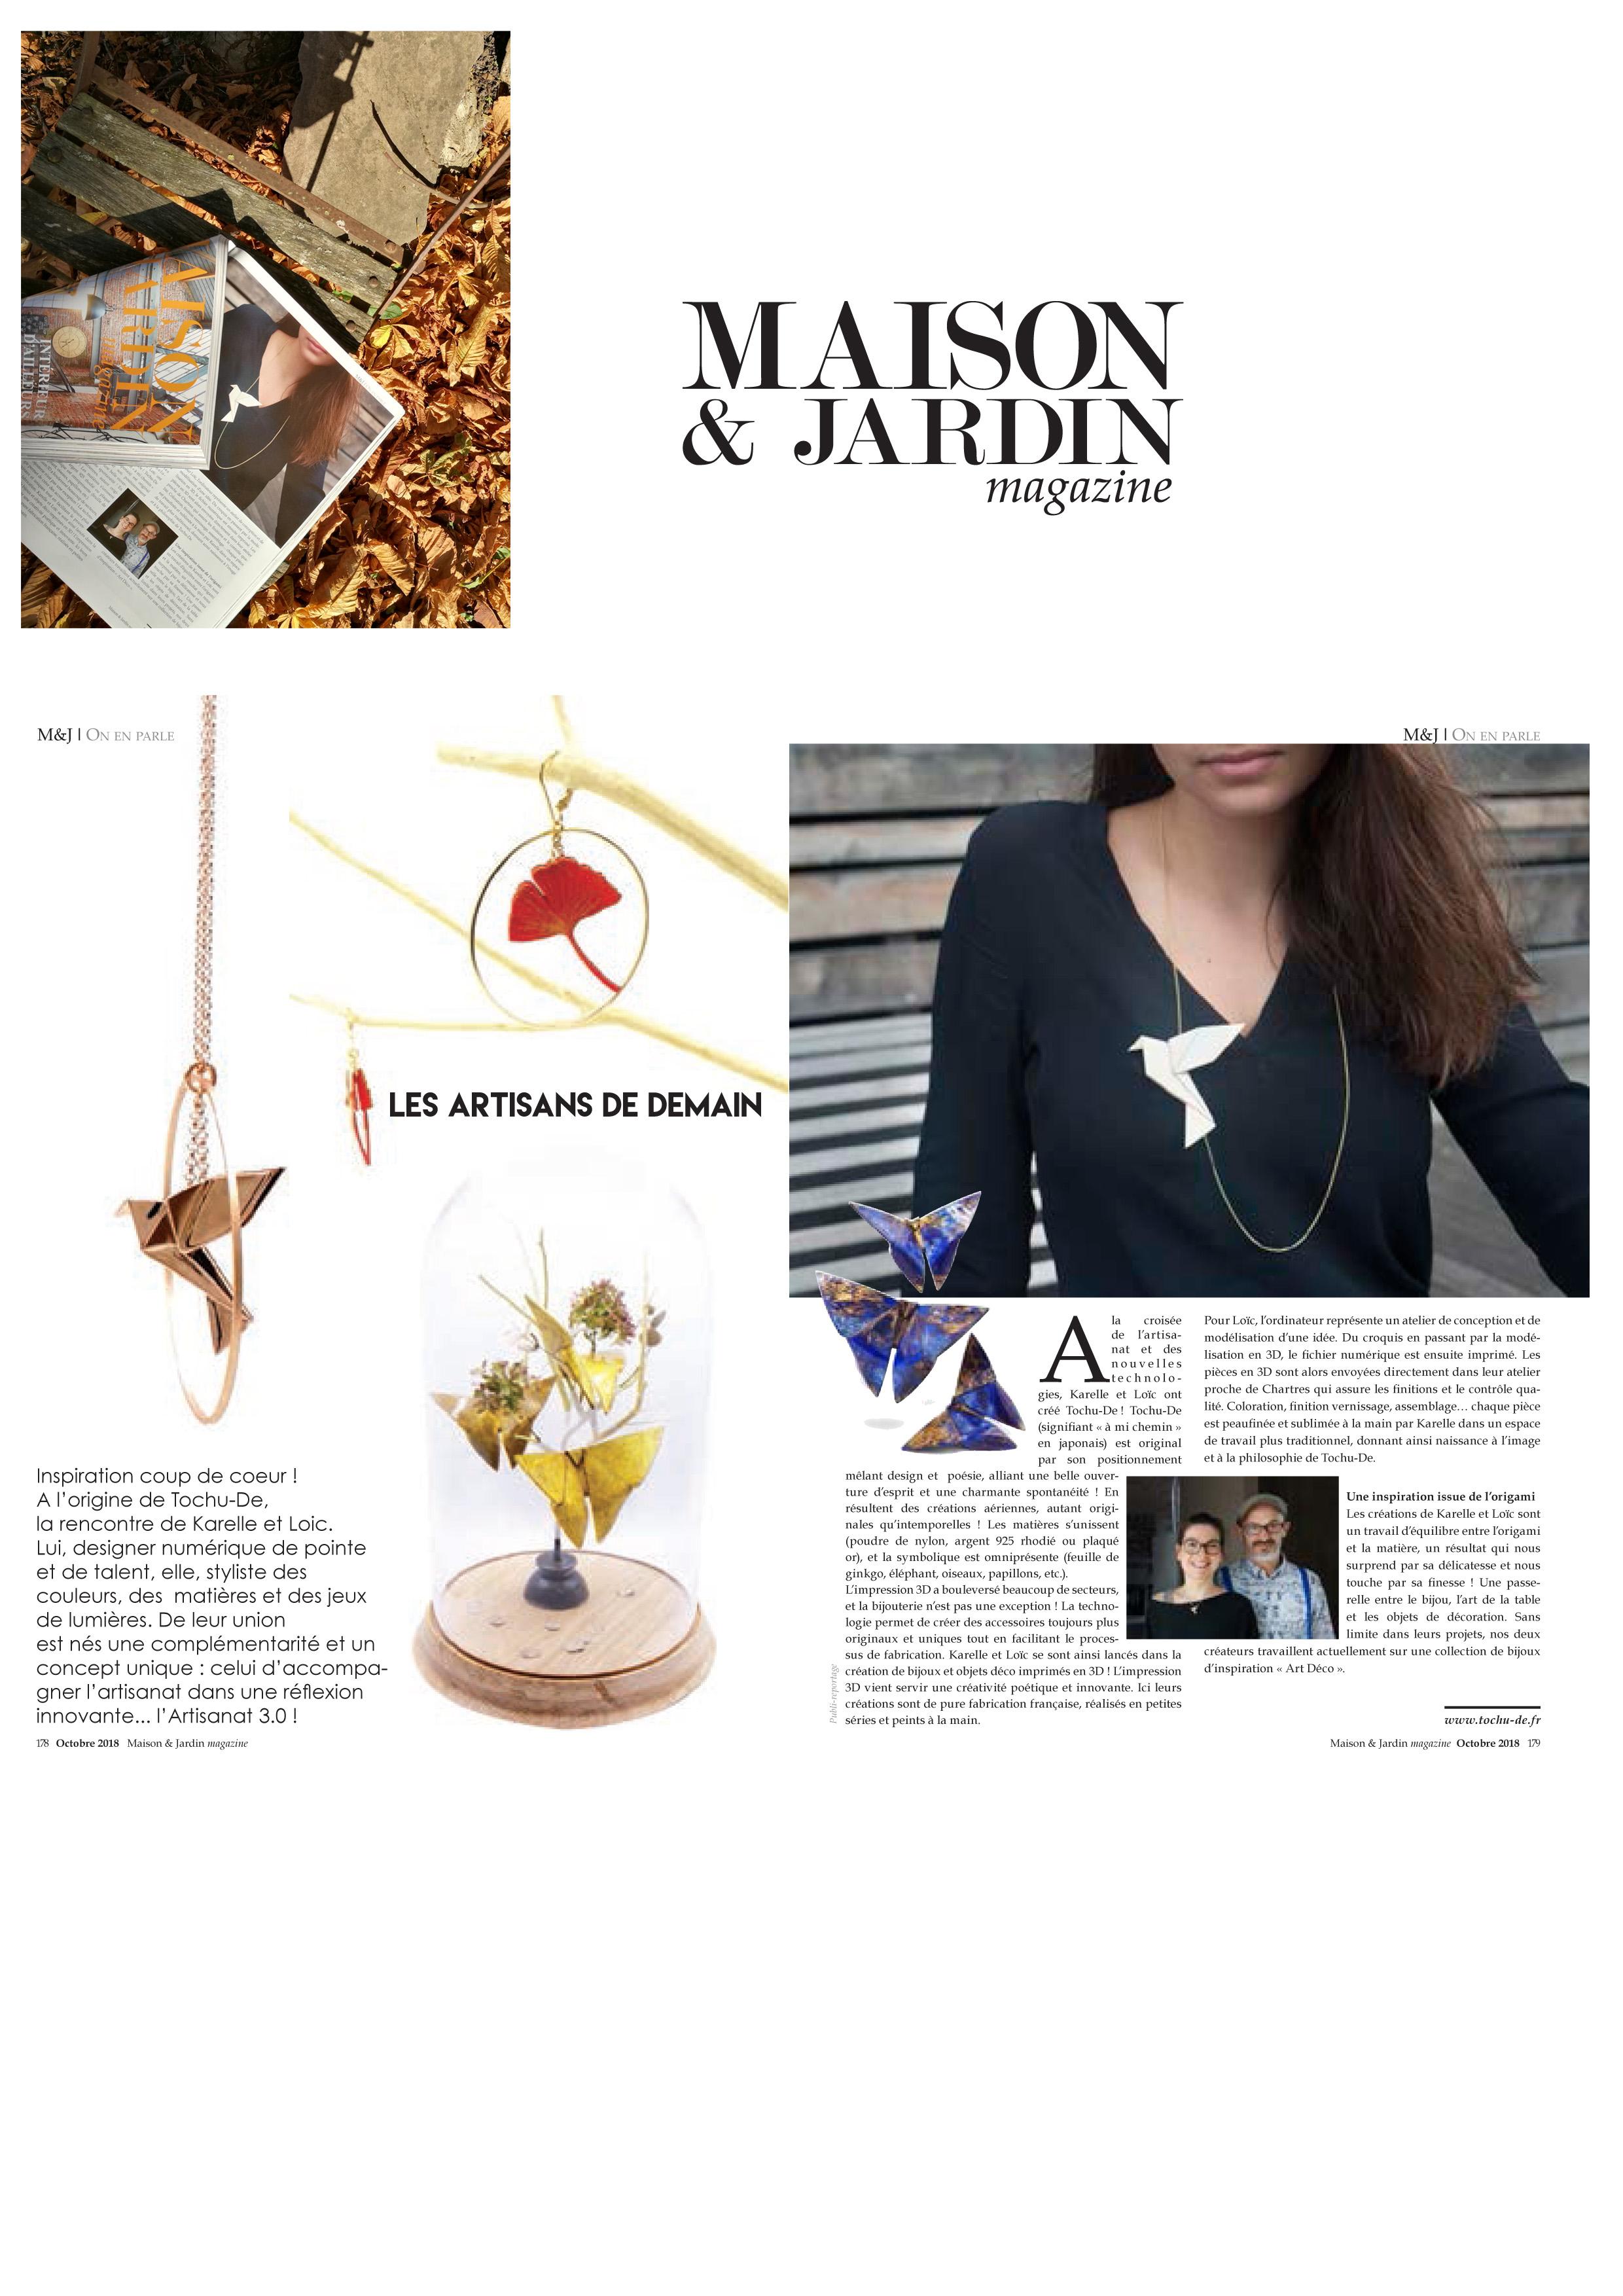 C Maison Et Jardin Magazine article presse maison et jardin oct 2018 - tochu-de